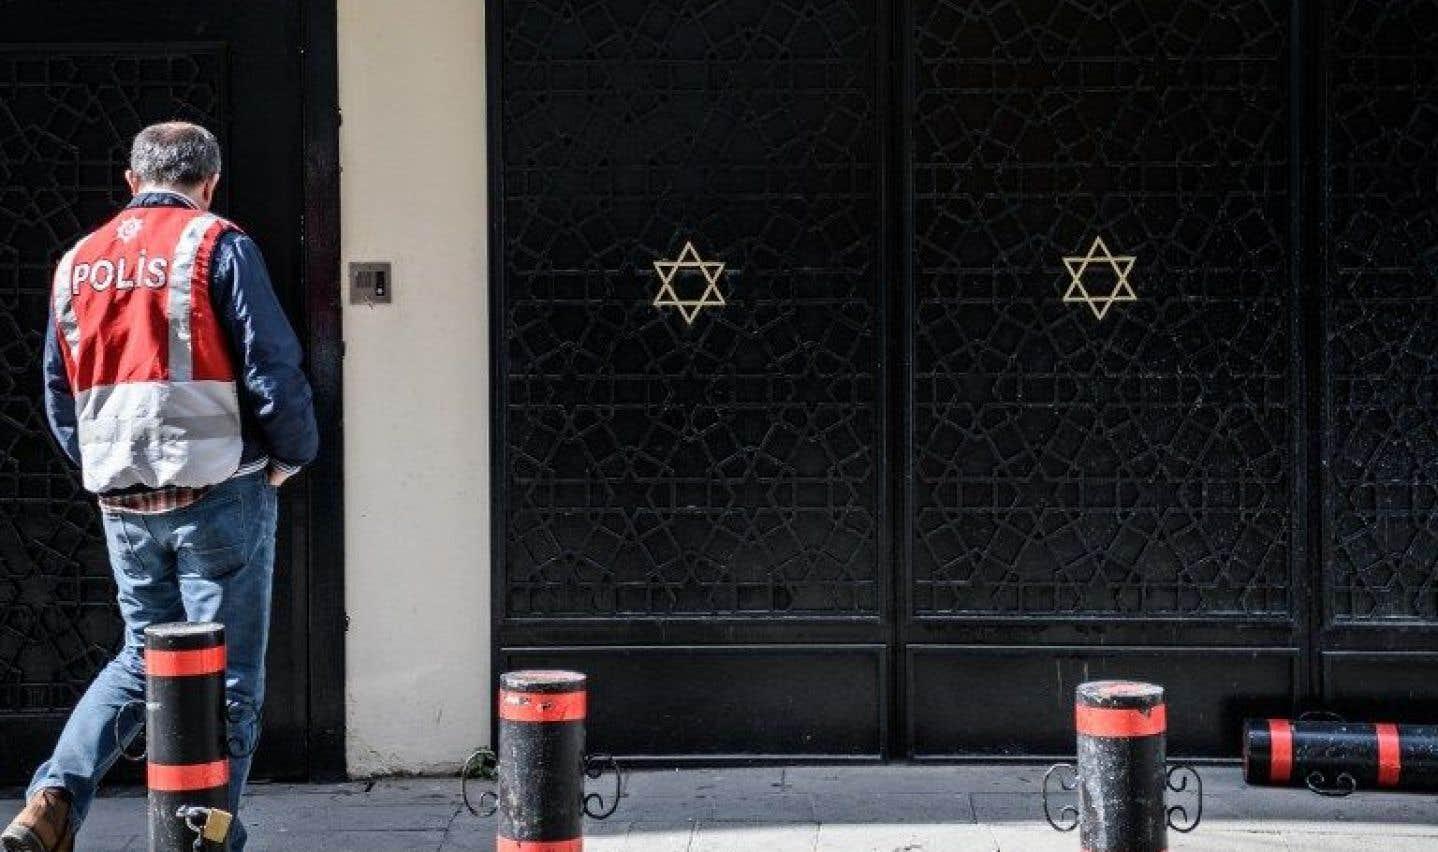 Les agressions ciblant particulièrement les juifs, le vandalisme et d'autres incidents violents ont reculé de 12% l'an dernier.